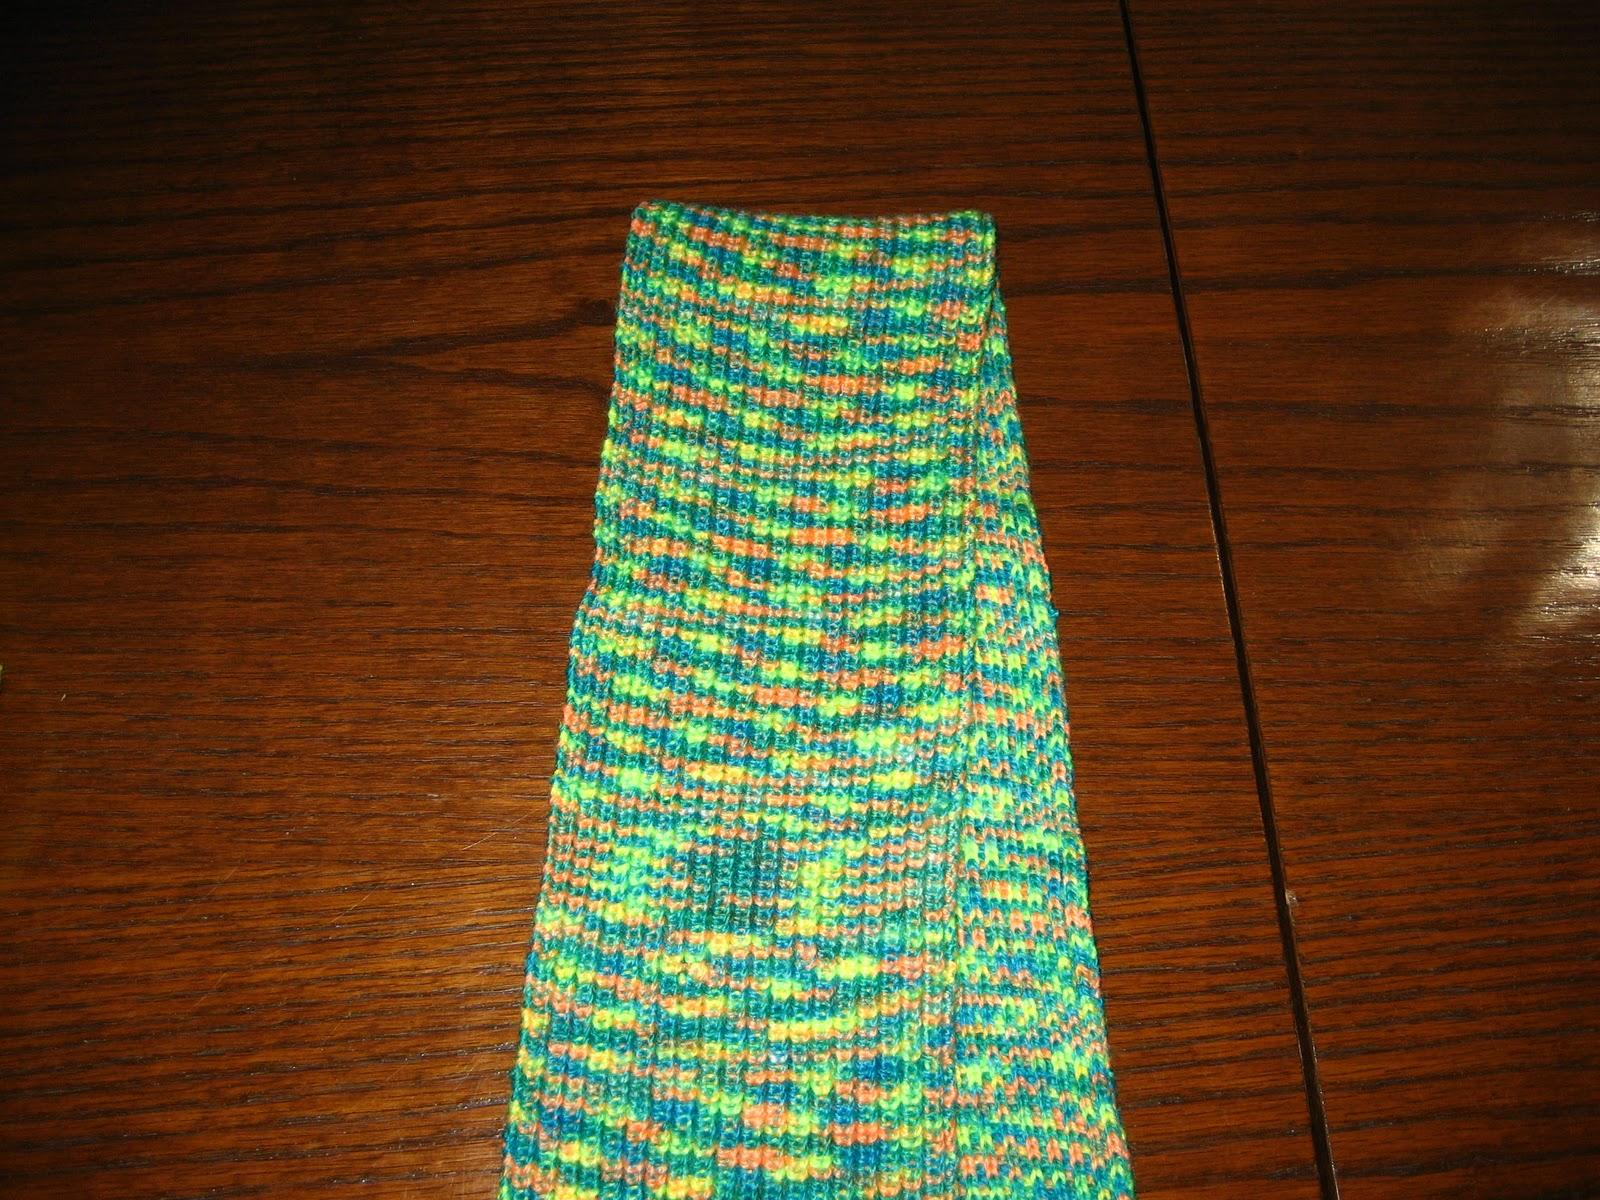 Passap Knitting Machine Patterns : Diana natters on... about machine knitting: Passap-fication